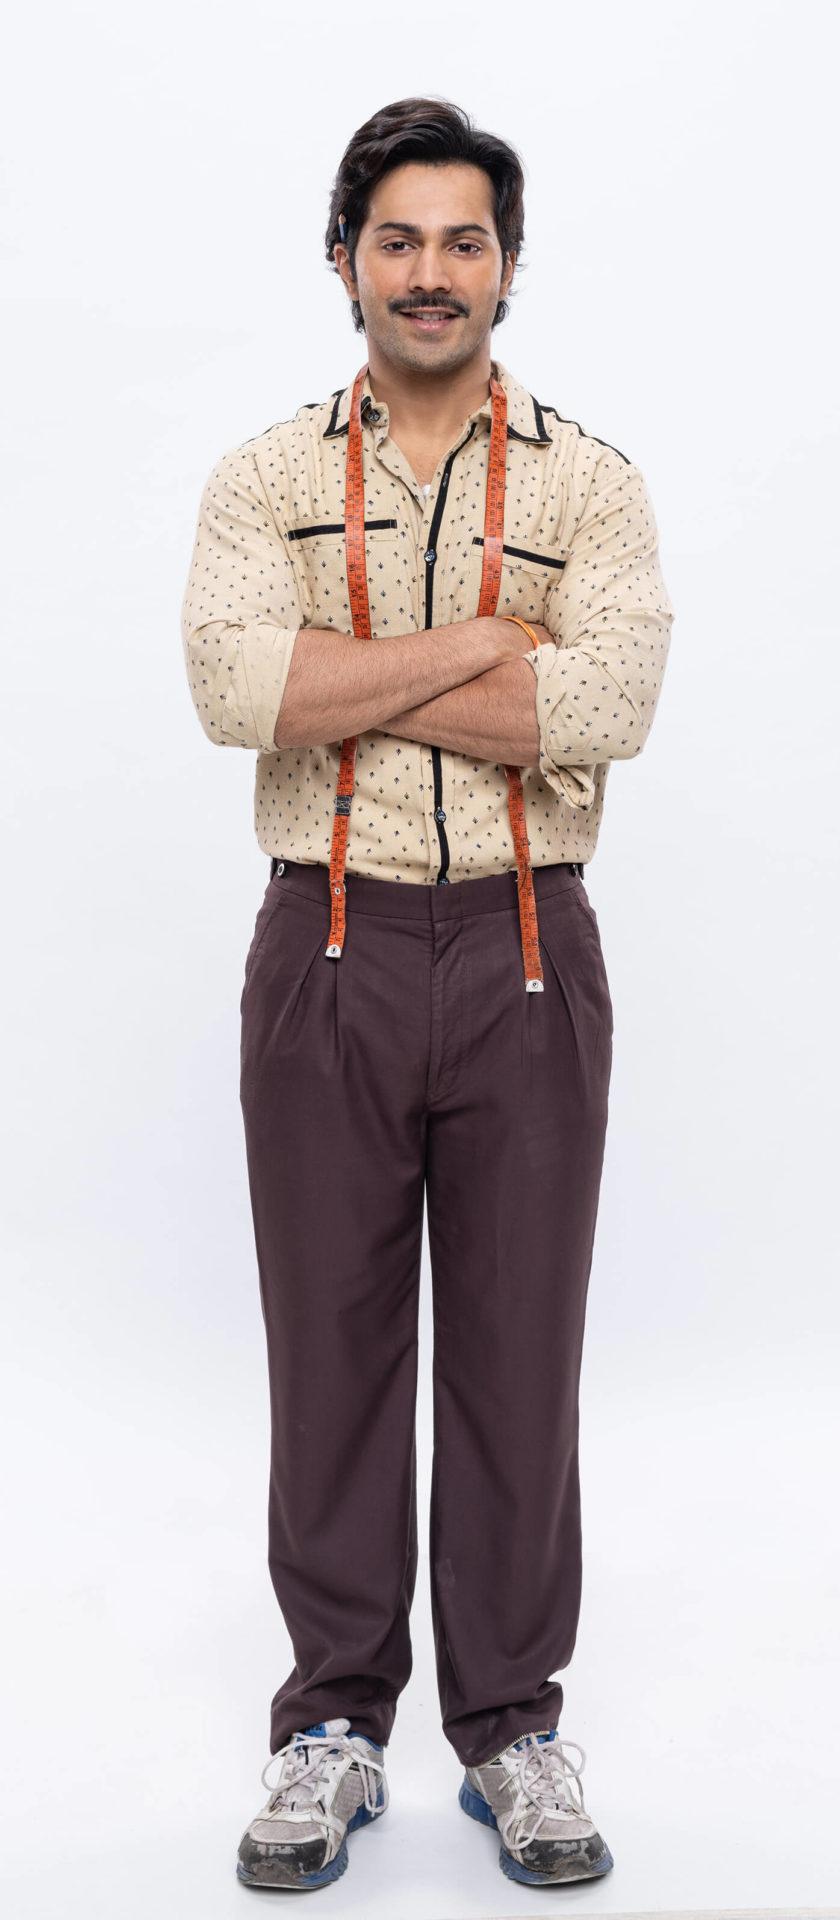 《真愛裁會贏》印度「彭于晏」瓦倫達瓦轉型演窩囊小男人 寶萊塢巨星成為紡織新貴